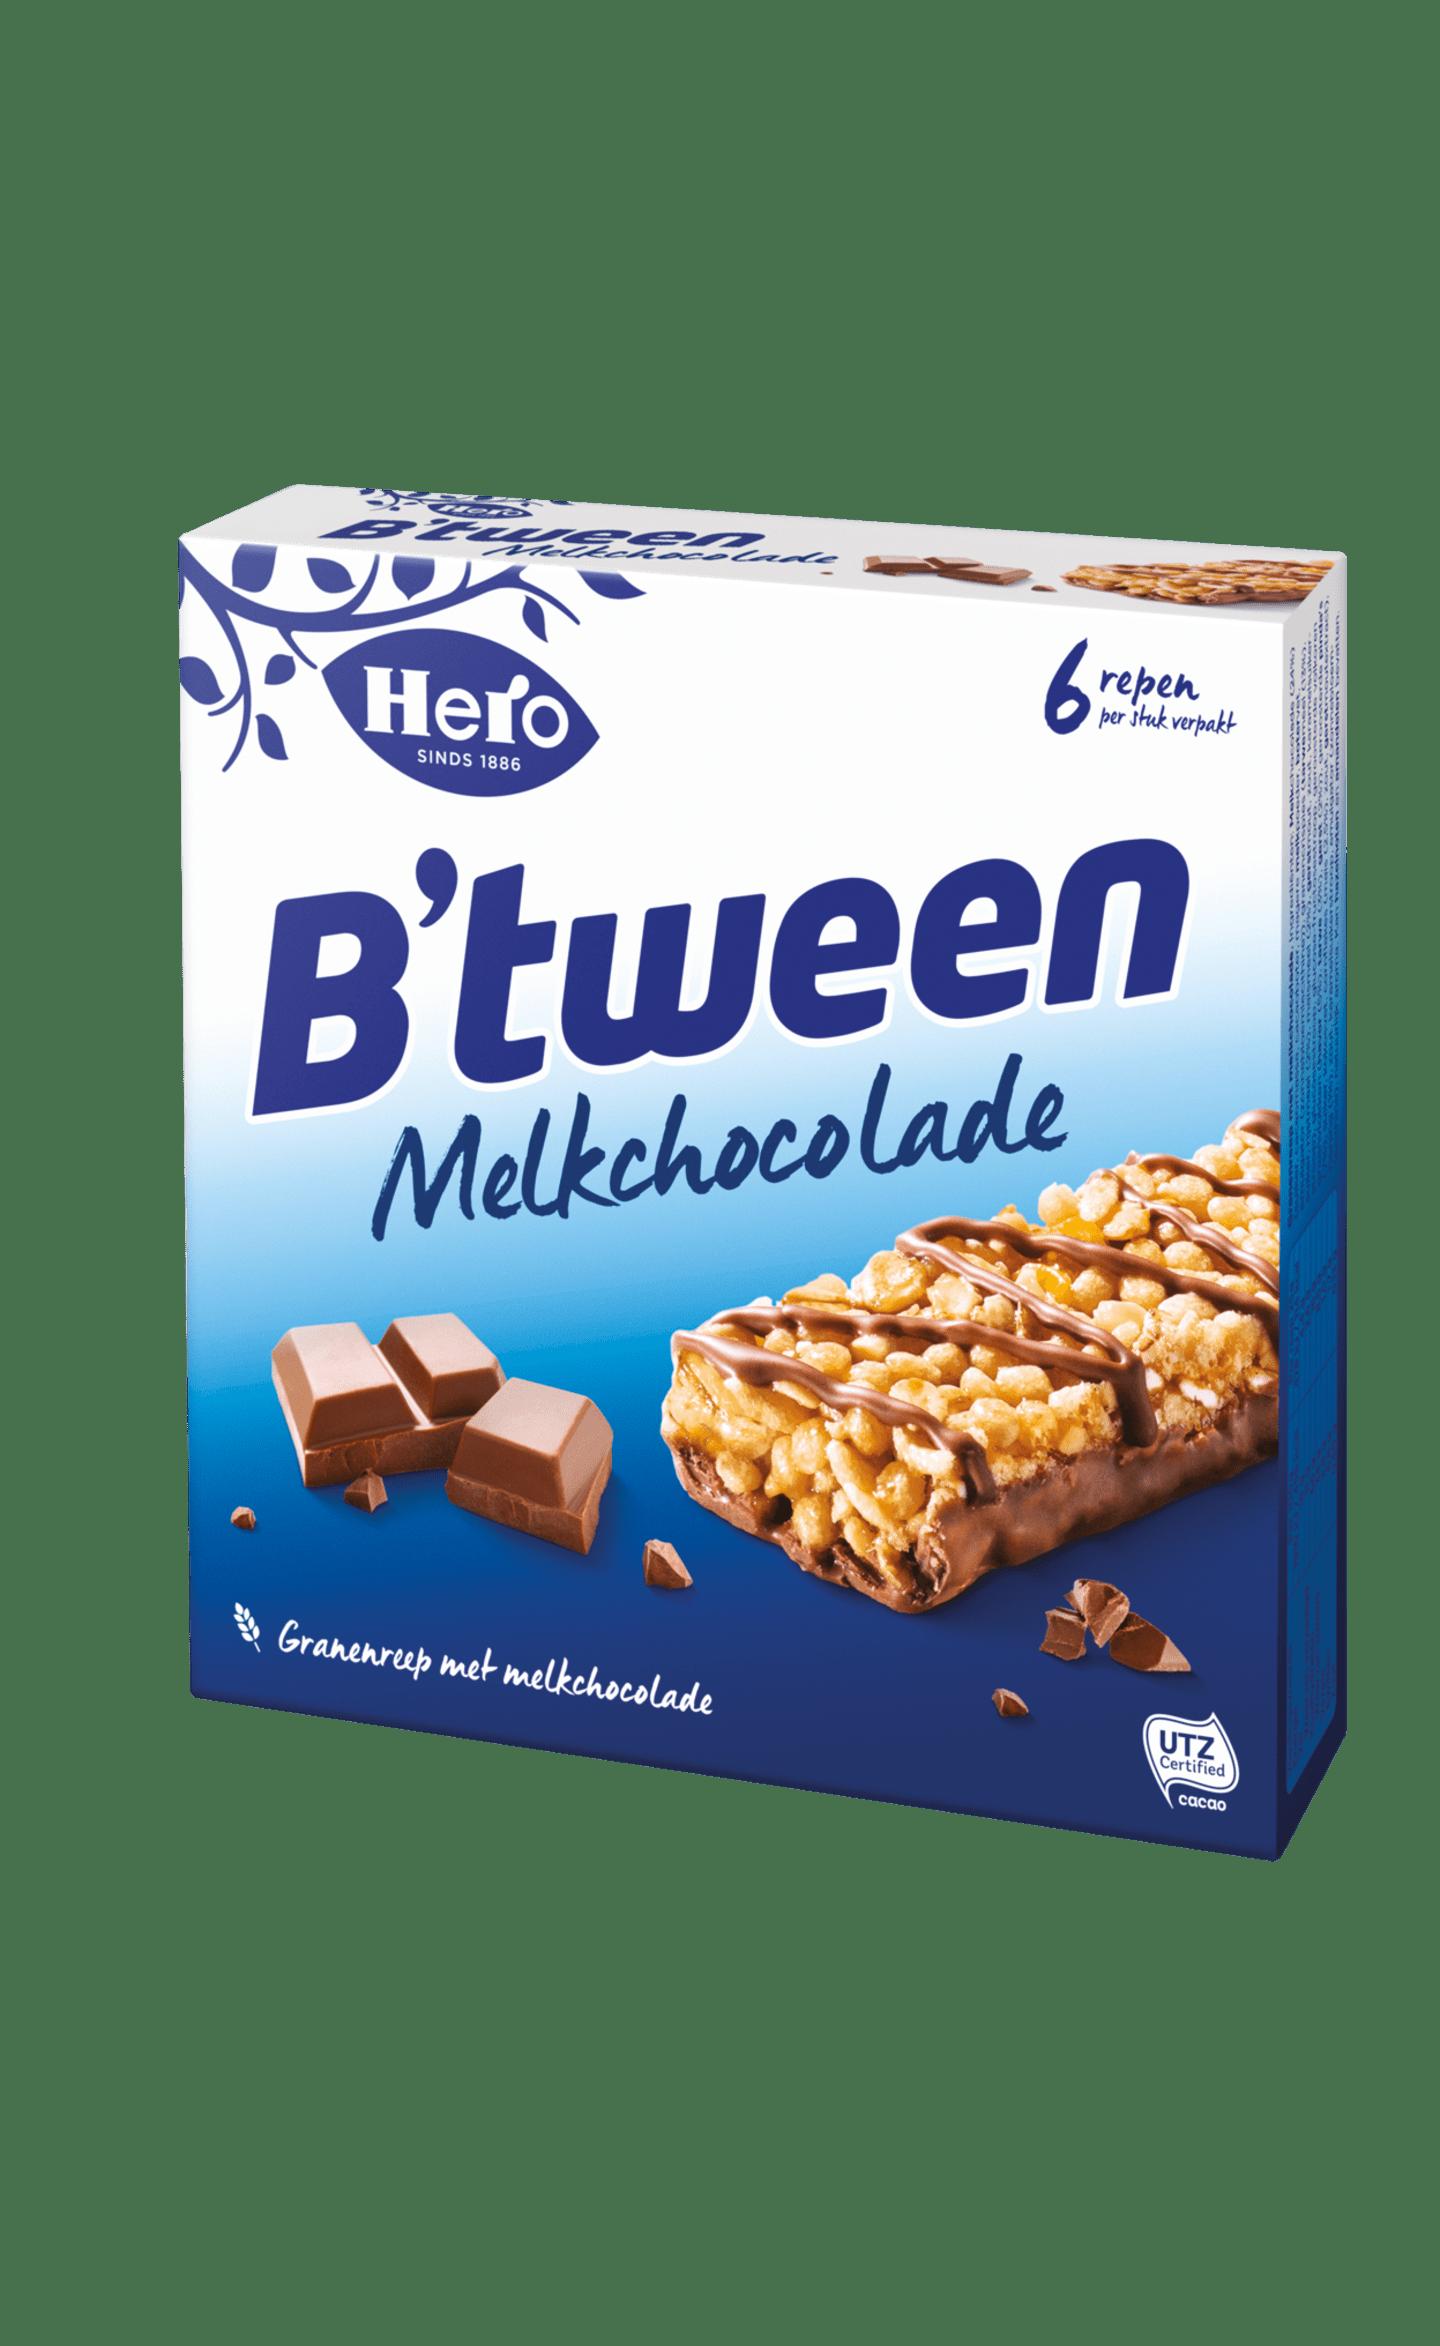 B'tween Melkchocolade 6x25g_1600x1600.png